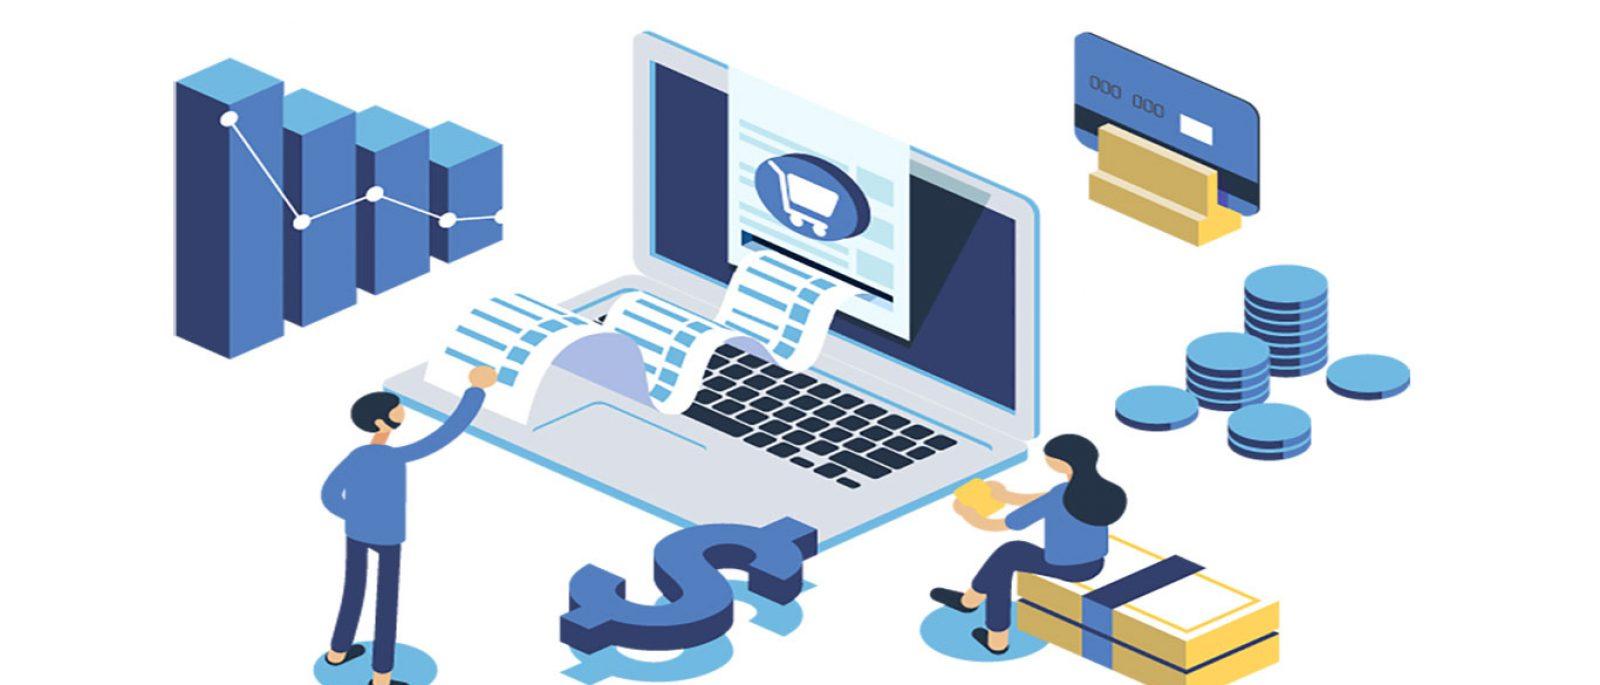 نرم افزار حسابداری فروشگاهی 1 نرم افزار حسابداری فروشگاهی